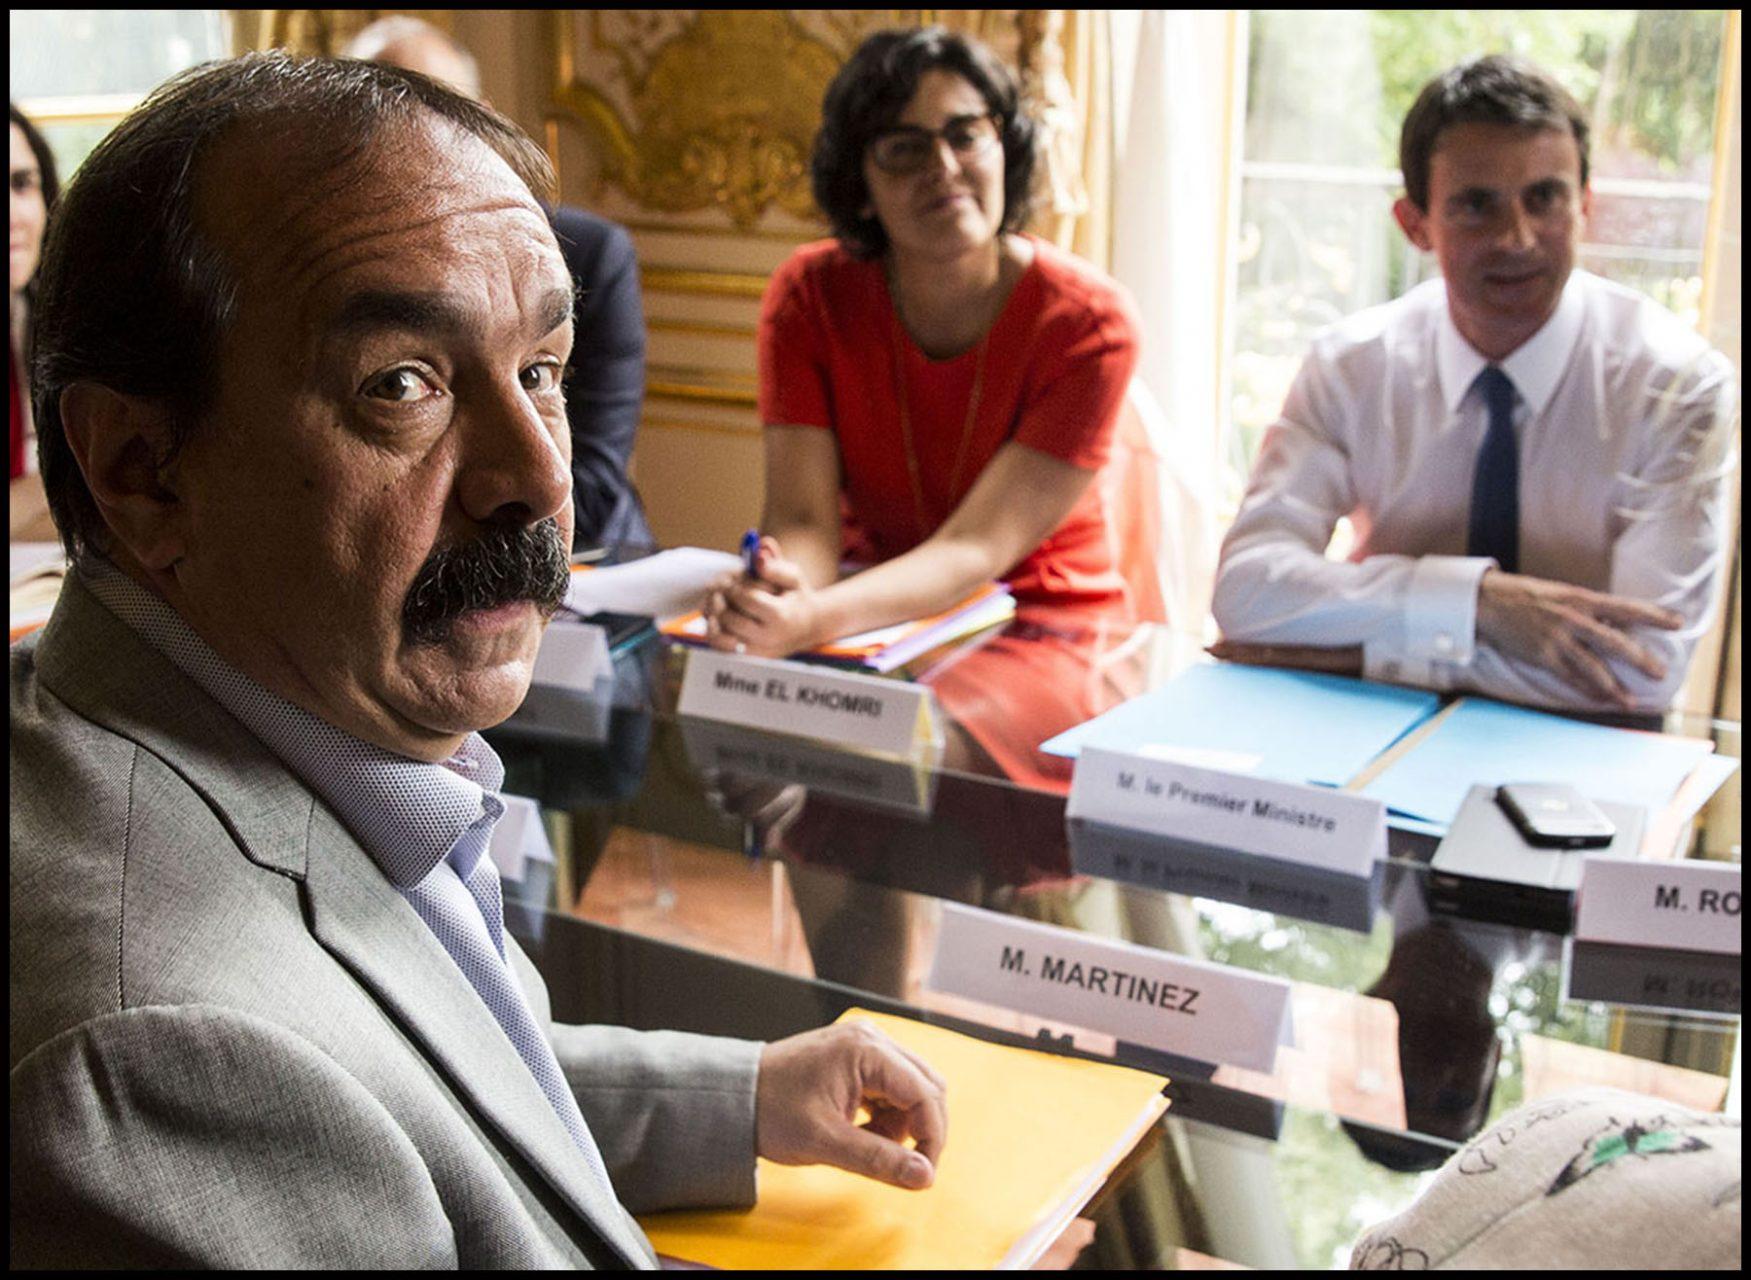 Le premier ministre Manuel VALLS reçoit les partenaires sociaux pour faire le point sur la loi El Khomri.